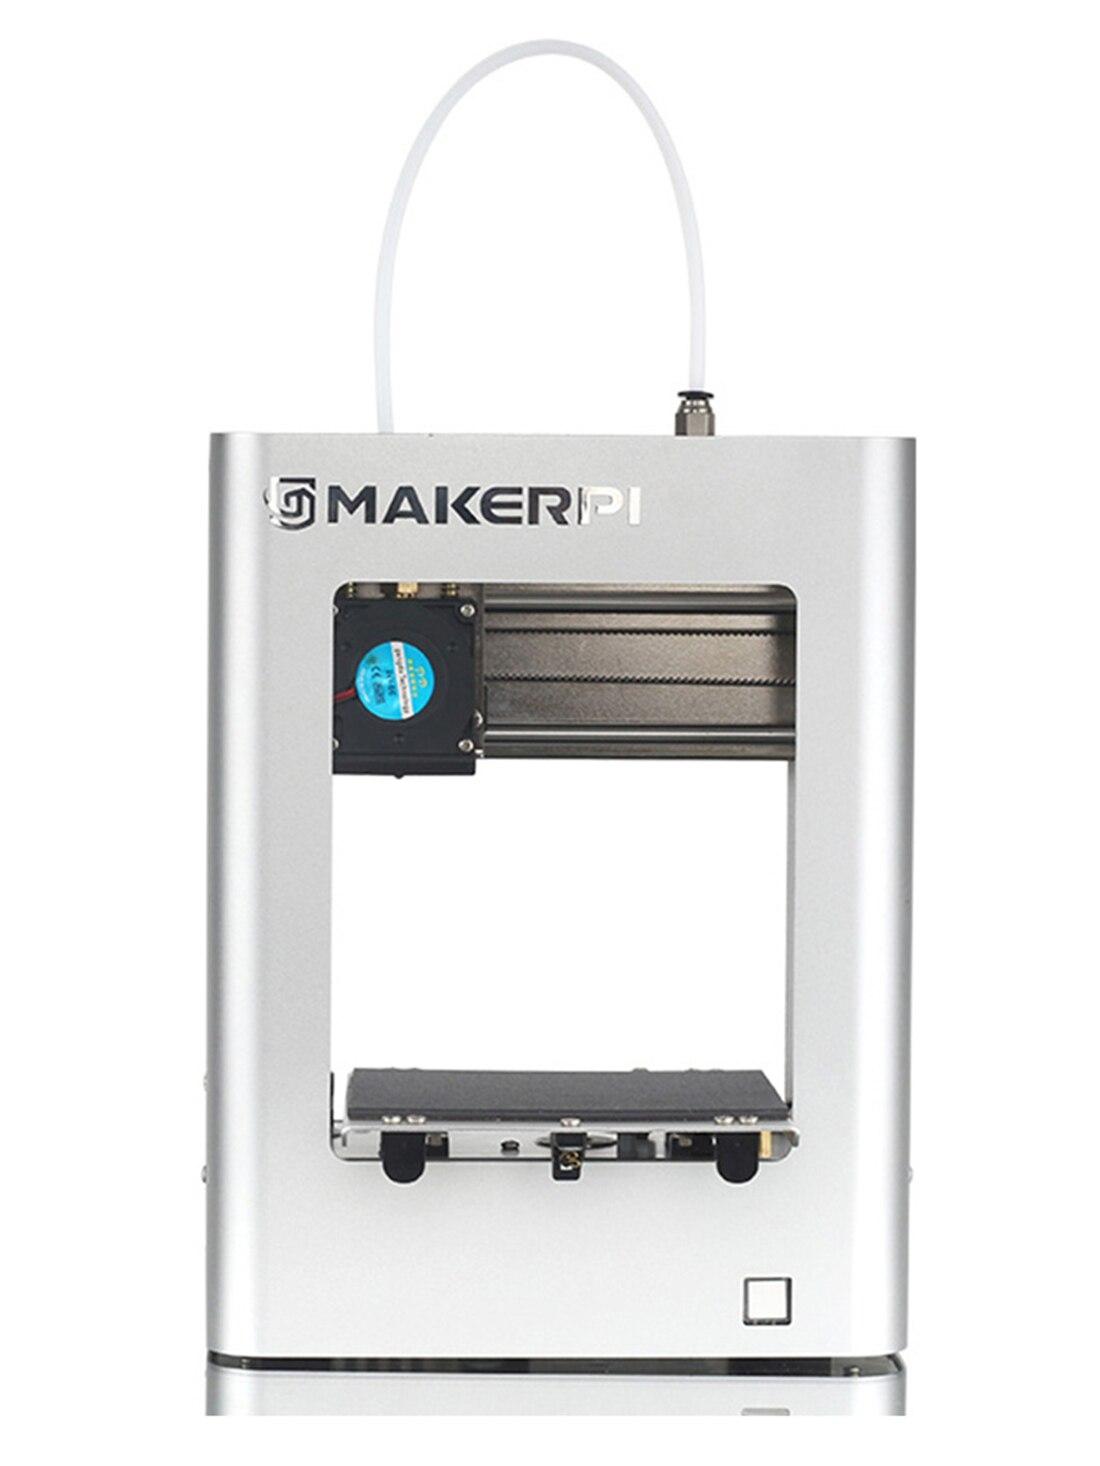 MakerPi Fdm طابعة صغيرة ثلاثية الأبعاد نانو دروكاركا Impresora رخيصة Imprimante السيارات التسوية منصة صغيرة